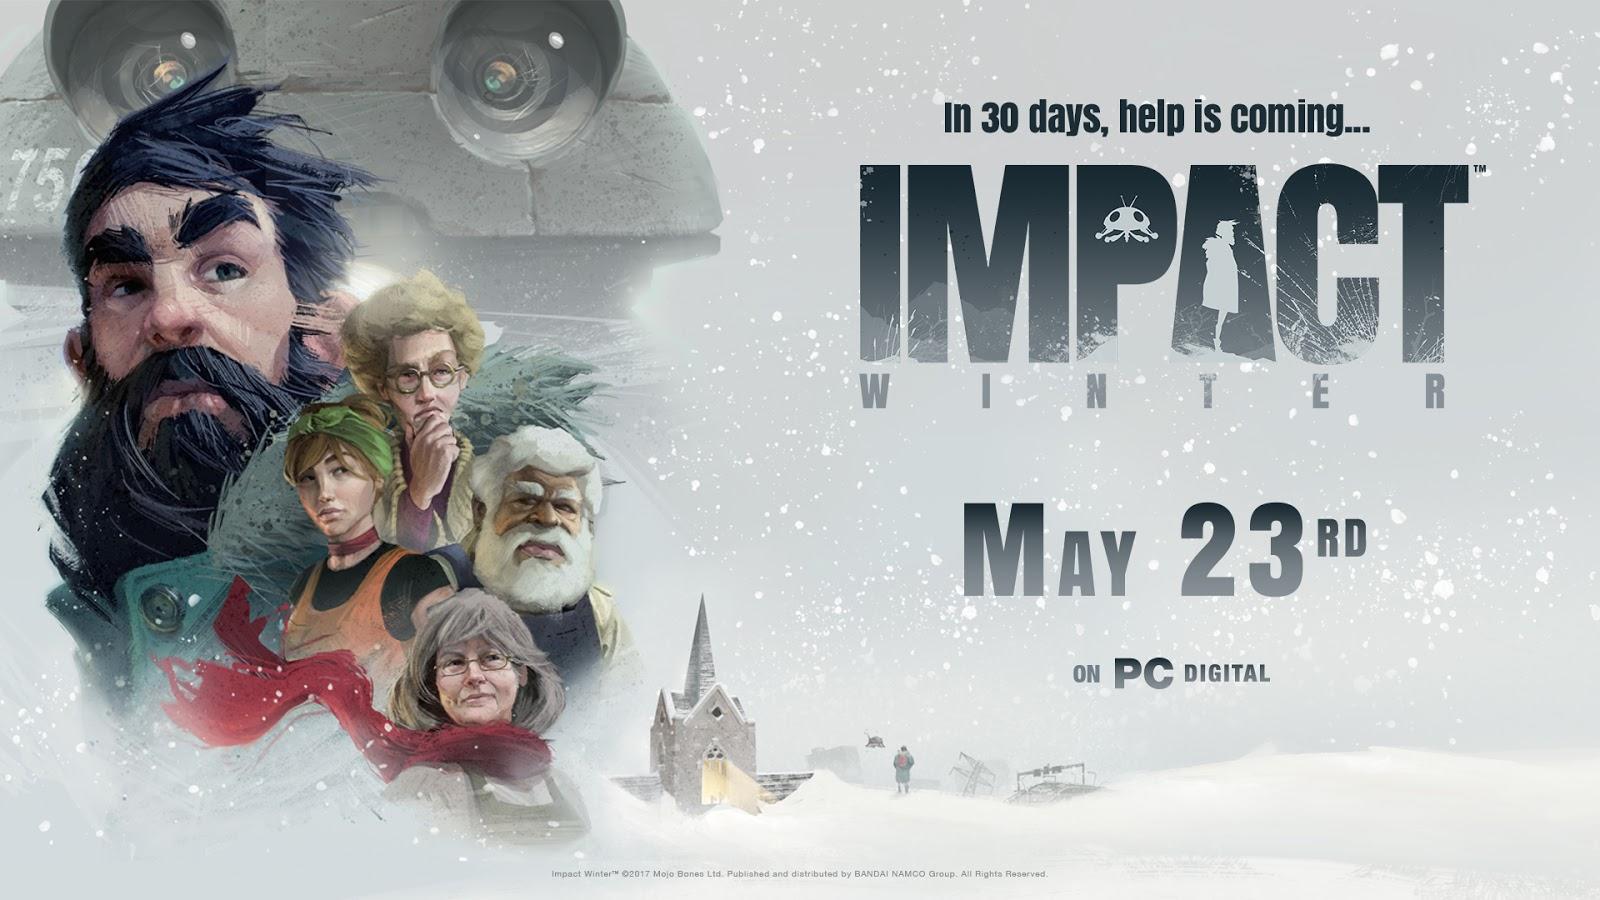 Impact Winter finalmente llegará el 23 de mayo a PC